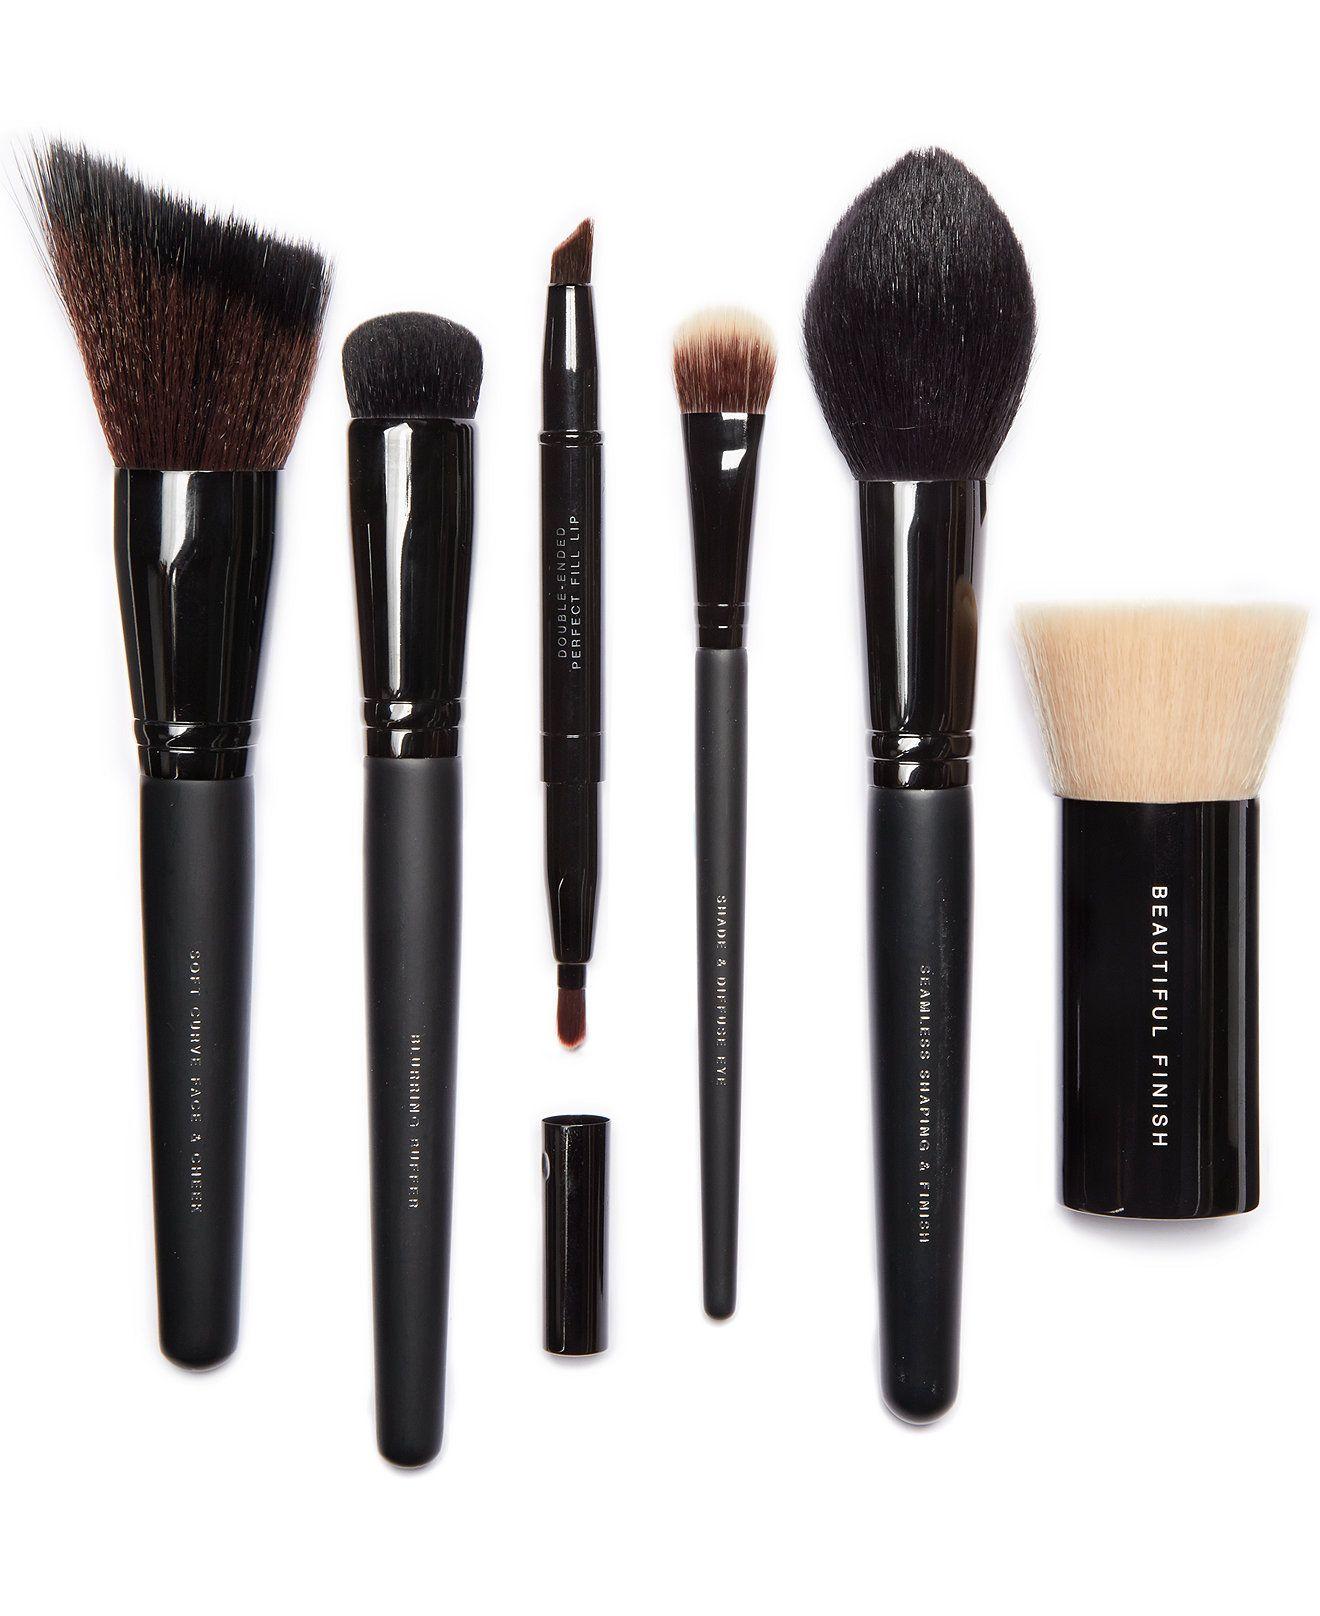 Brush Collection Makeup brush set, Makeup tools, Eye